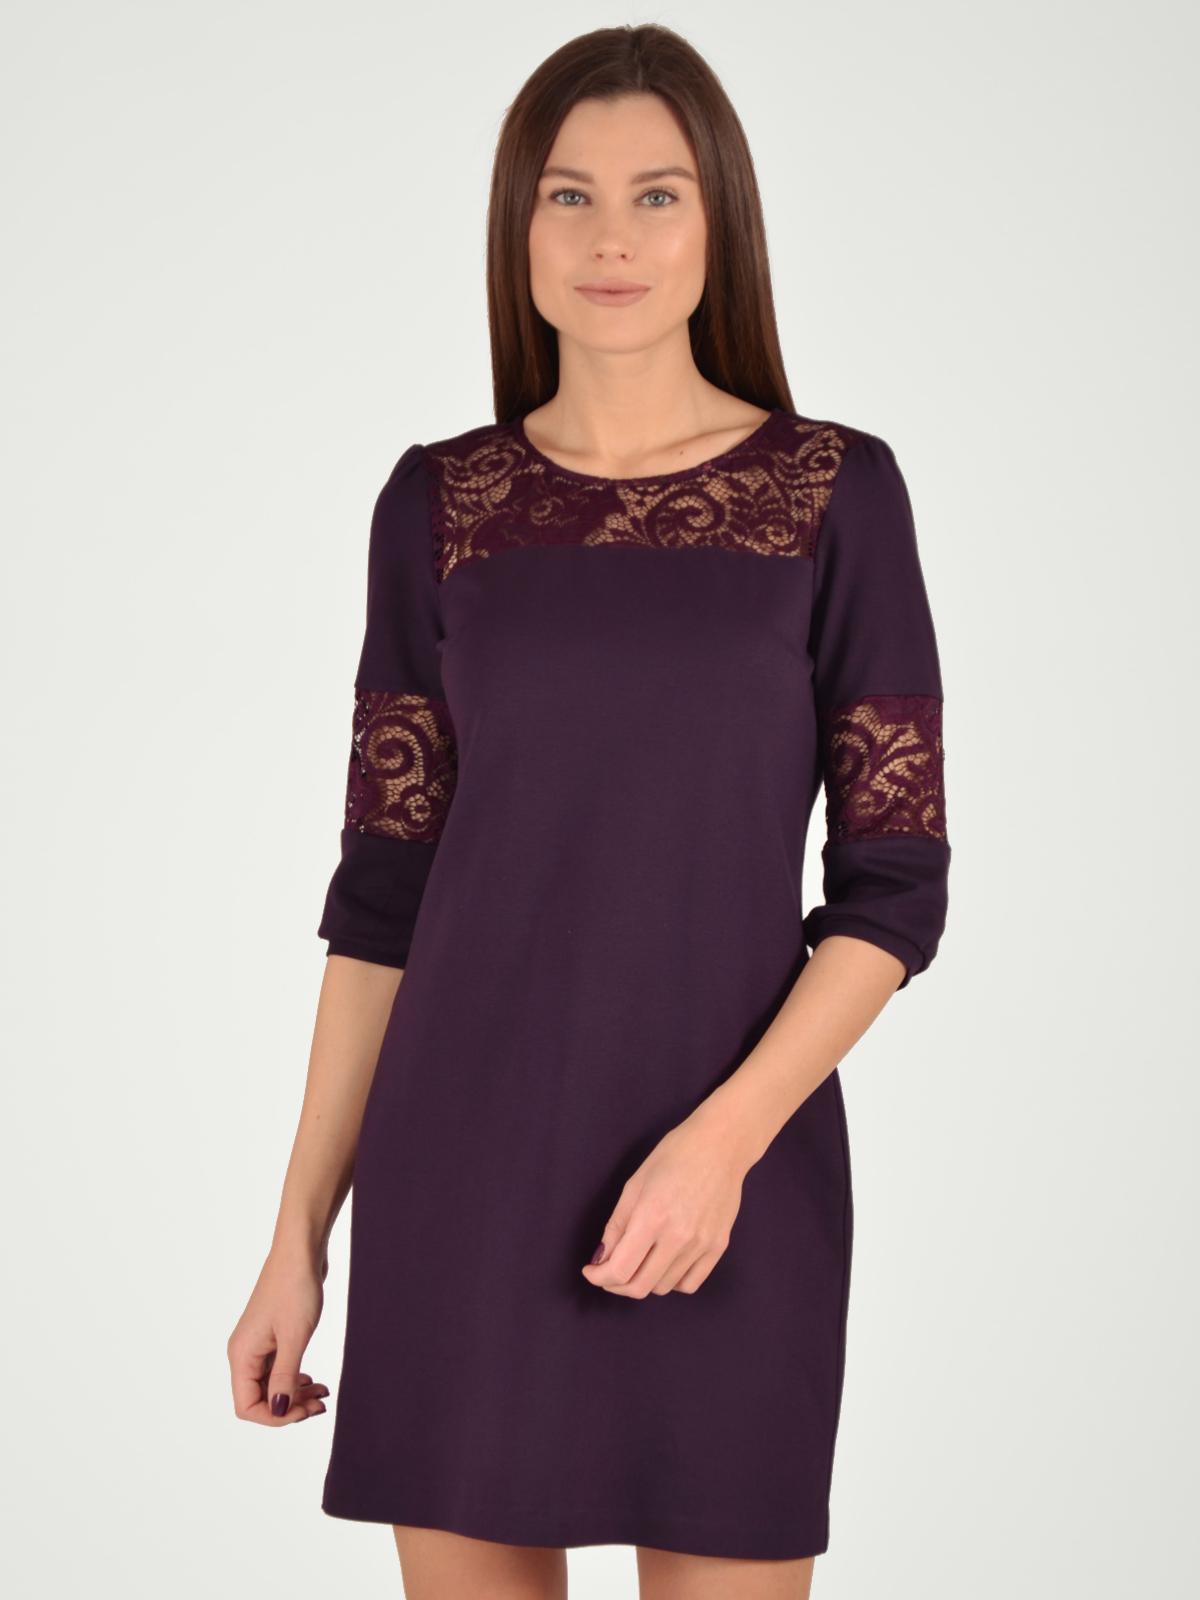 Купить Платье женское из текстиля, МОСМЕХА, фиолетовый, 5100039